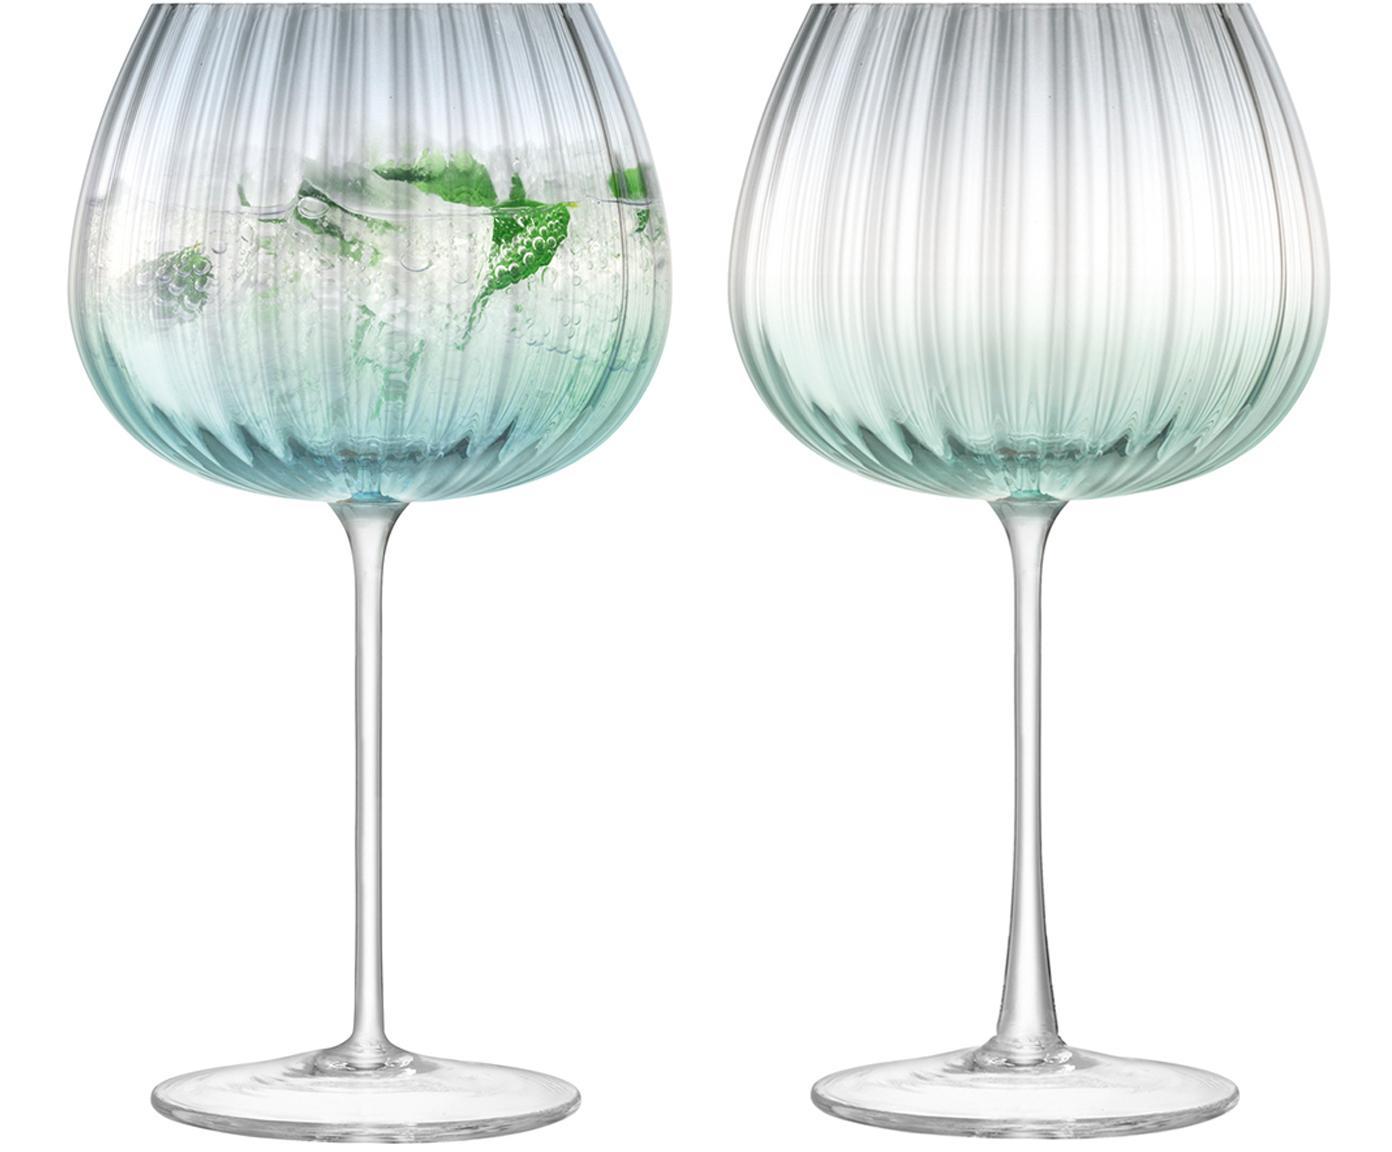 Komplet ręcznie wykonanych kieliszków Dusk, 2 elem., Szkło, Zielony, szary, Ø 10 x W 20 cm